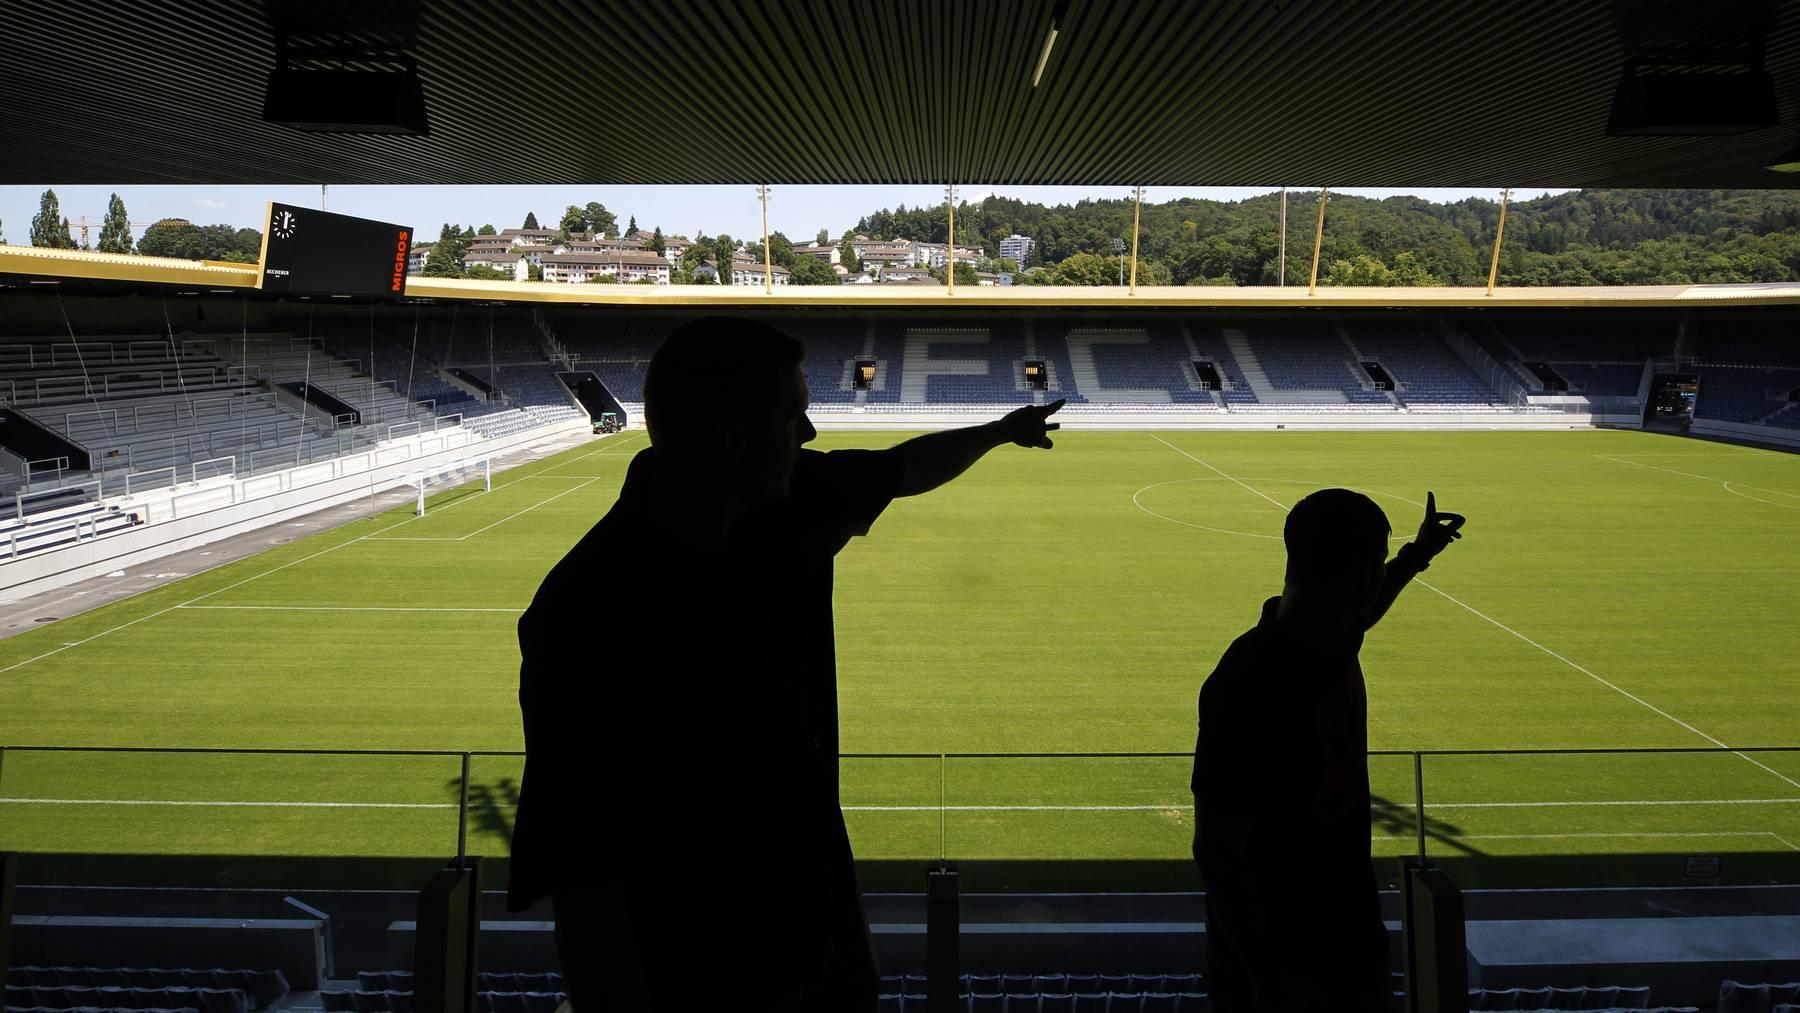 Die letzen Arbeiten sind im vollen gange auf der Baustelle des neuen Stadion des FC Luzern der Swissporarena am Montag 11.Juli 2011 auf der Allmend in Luzern.